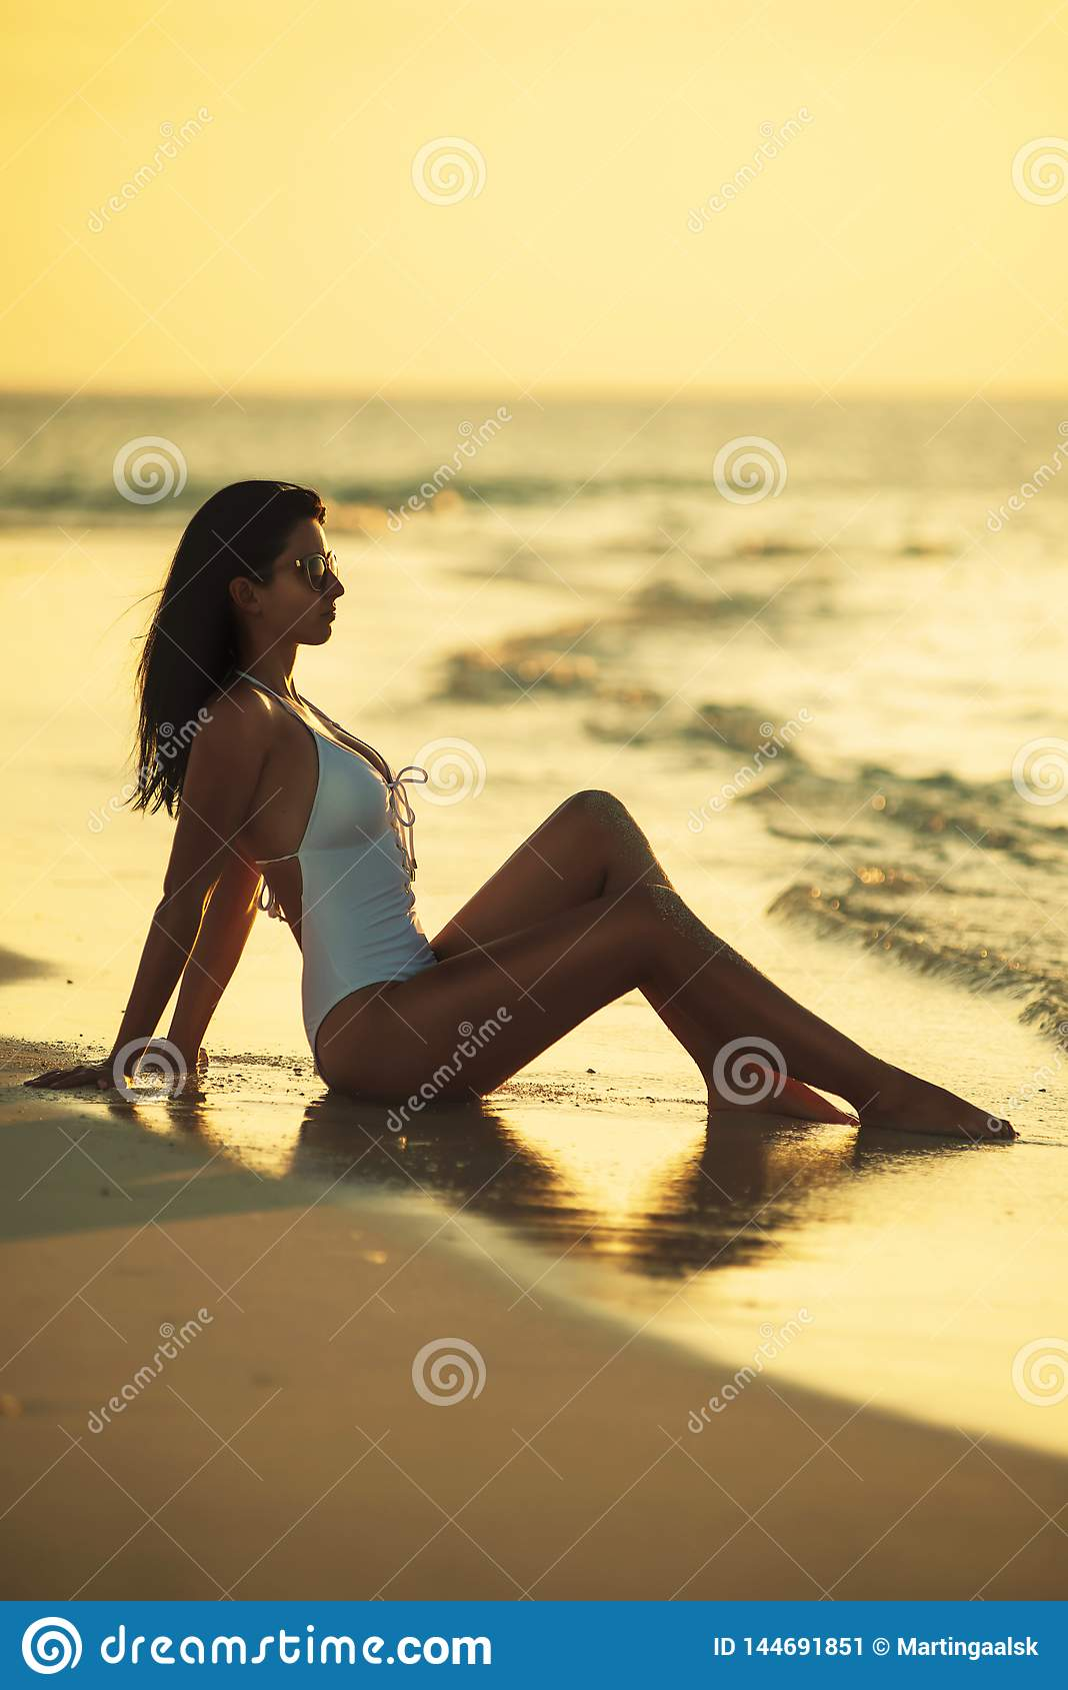 Όμορφη νέα τοποθέτηση γυναικών στην άσπρη παραλία, όμορφο τοπίο με τη